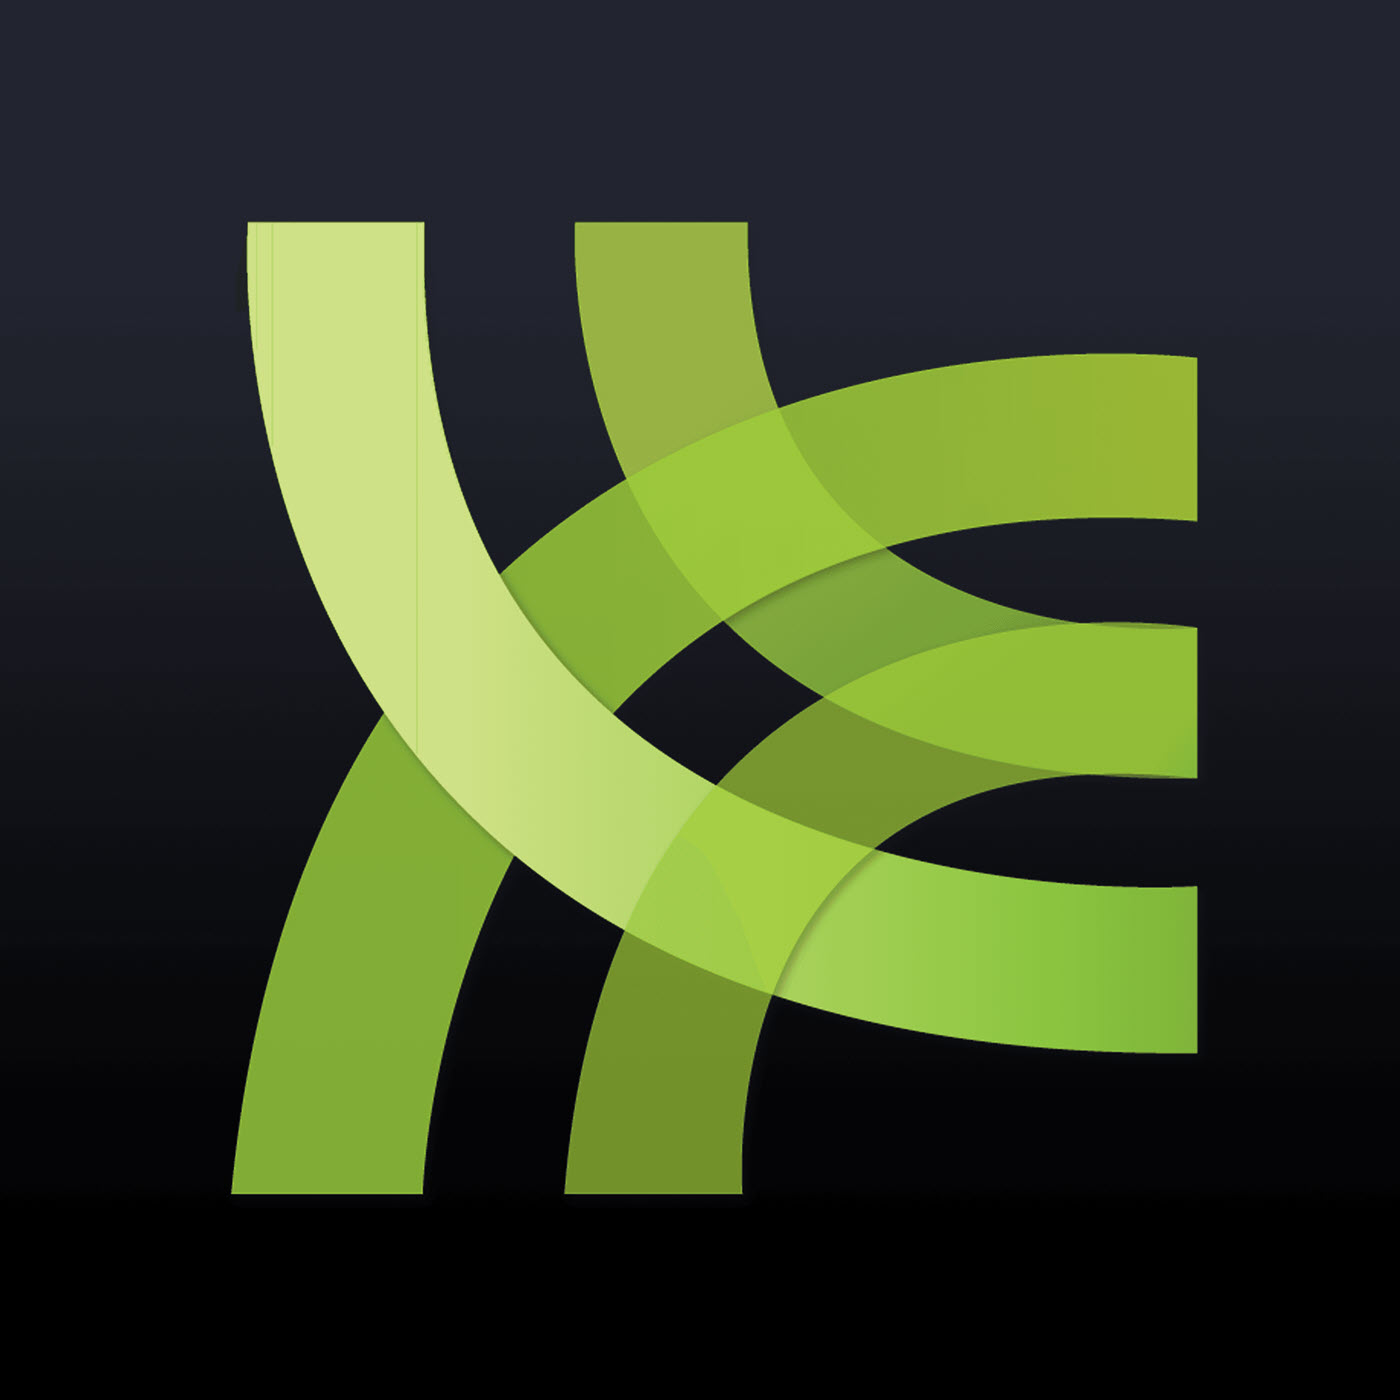 http://homedir-b.libsyn.com/podcasts/a302de49af22bd142a5b641d373f22ee/49e9a65d/africanamericanpodcast/images/amber2.jpg